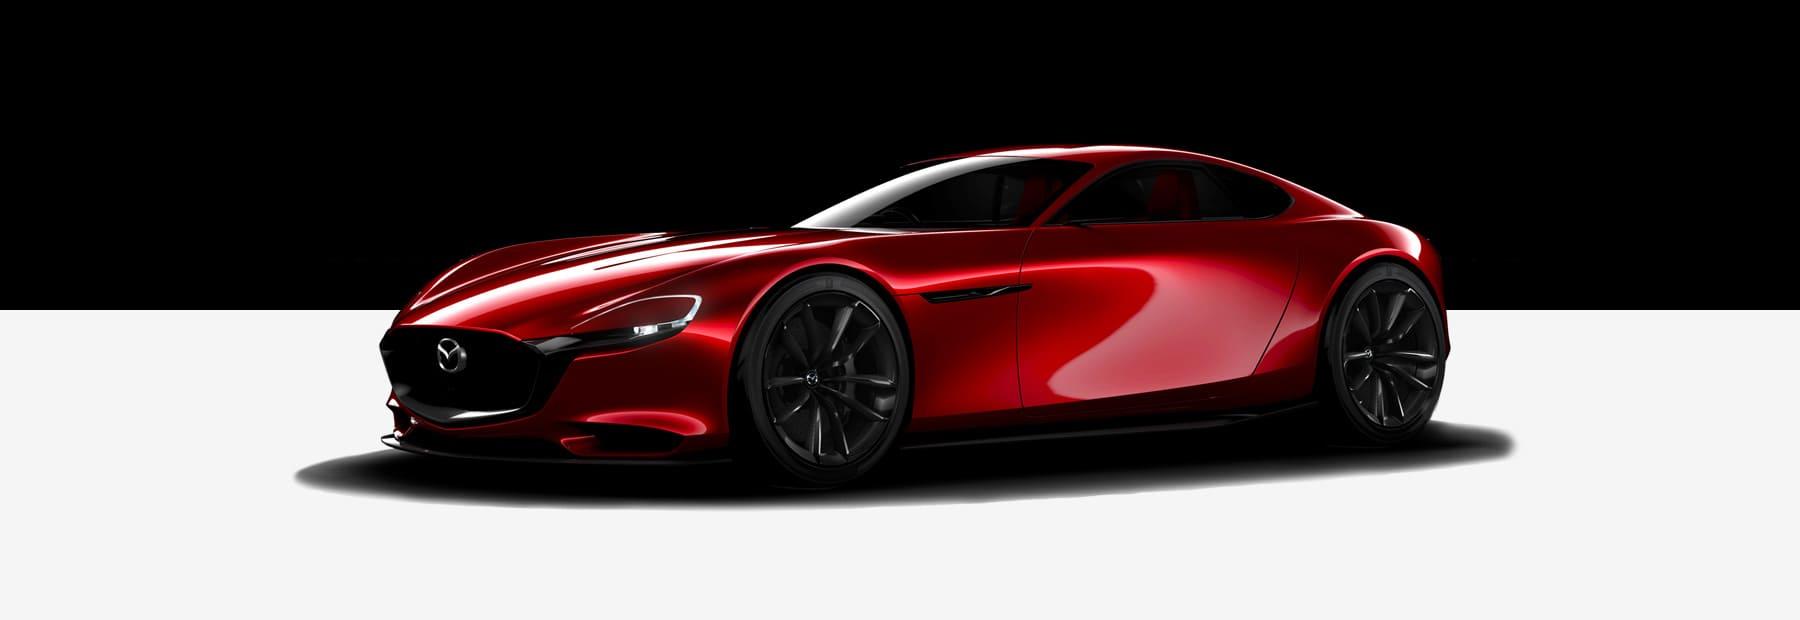 Futuro de Mazda – Nuevo prototipo – La visión del RX